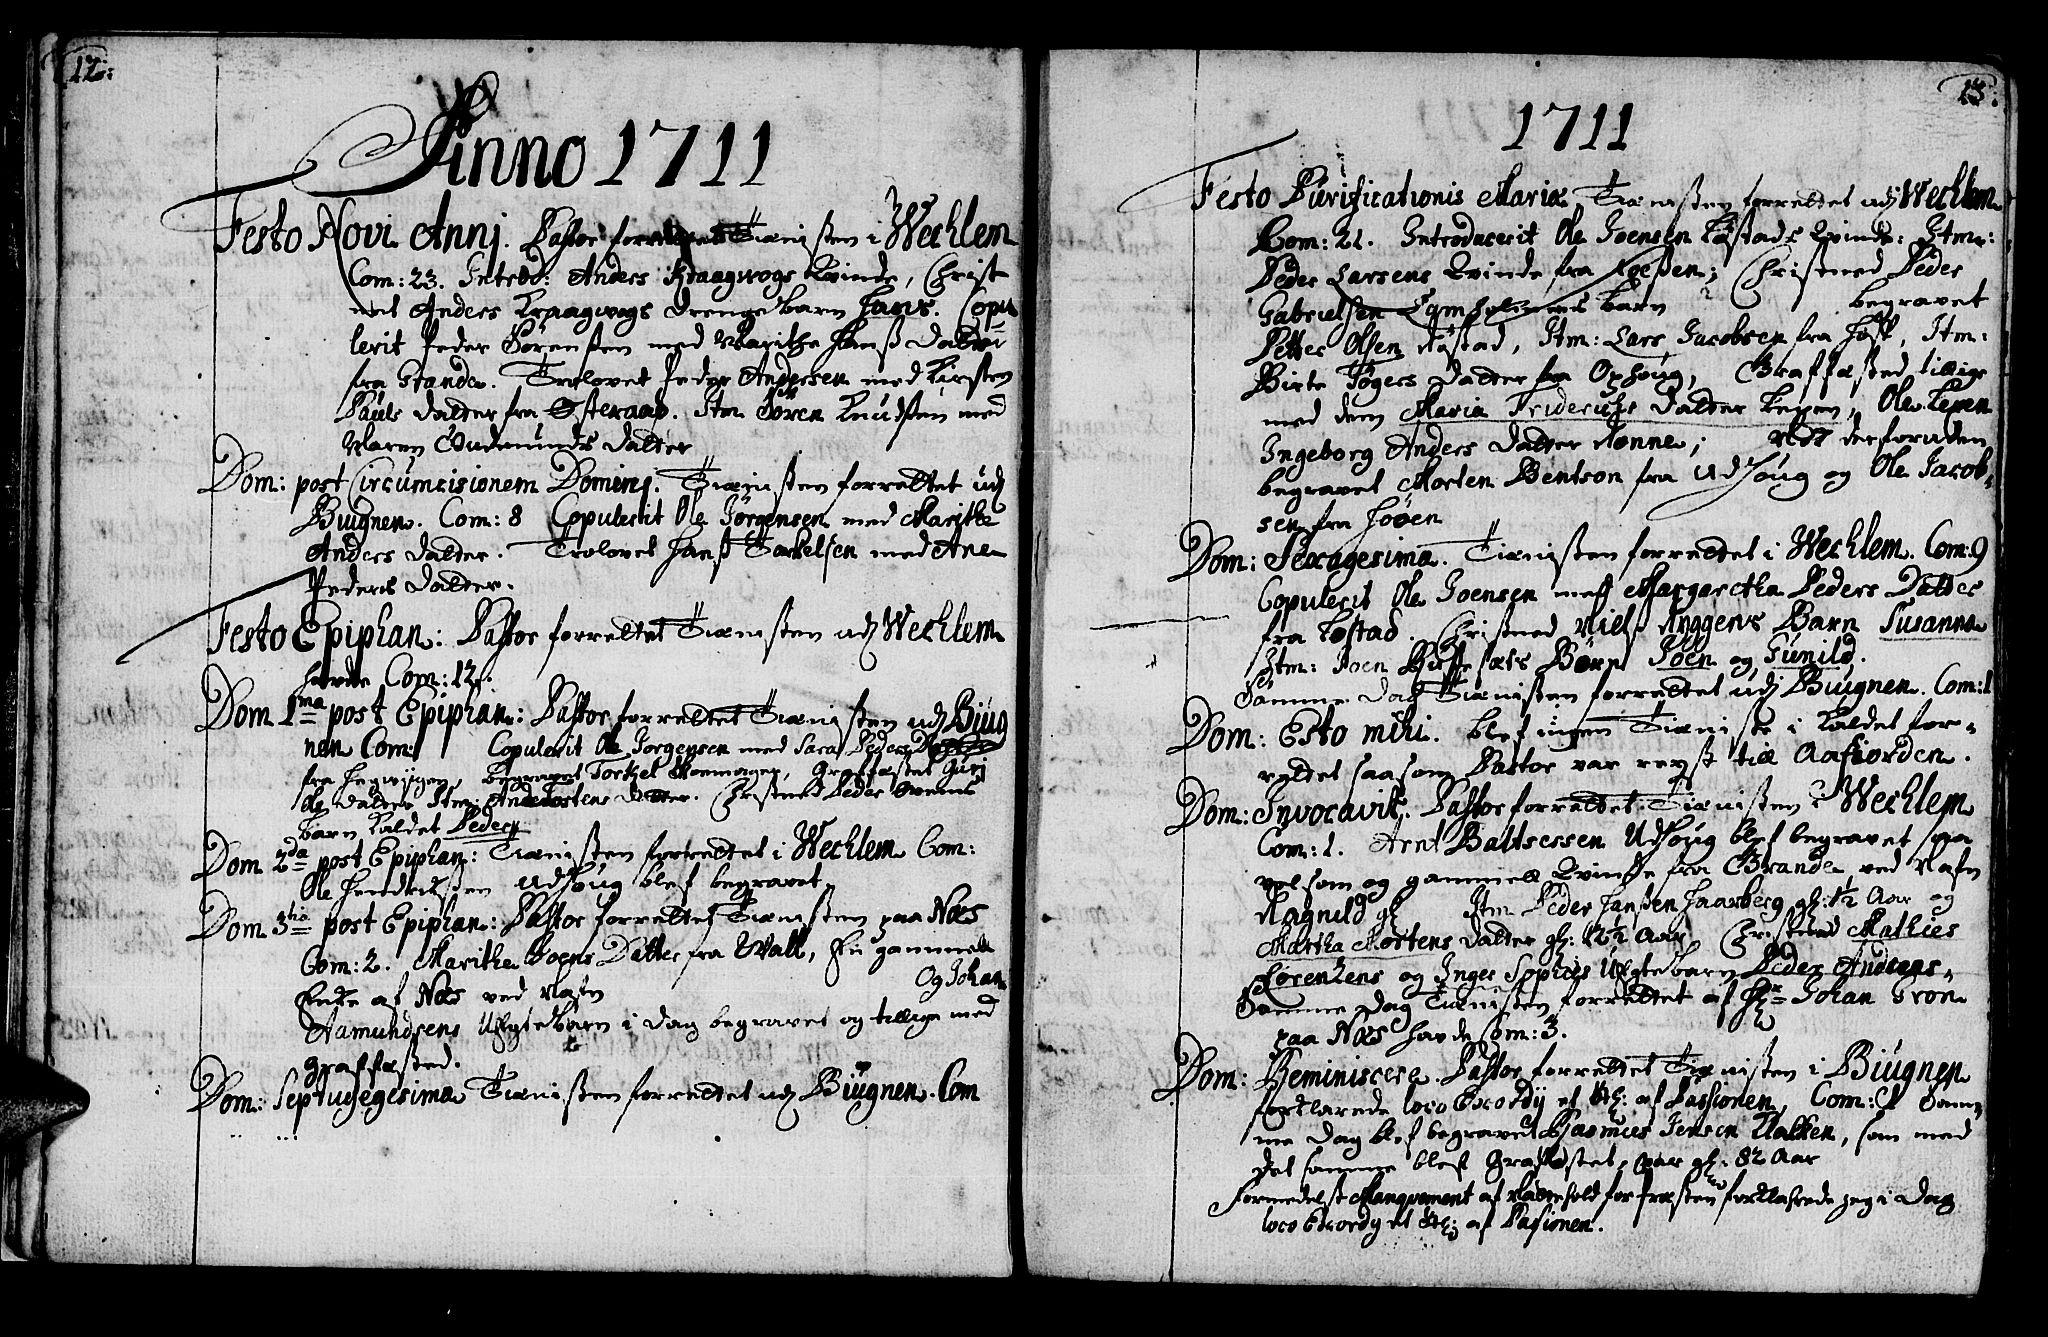 SAT, Ministerialprotokoller, klokkerbøker og fødselsregistre - Sør-Trøndelag, 659/L0731: Ministerialbok nr. 659A01, 1709-1731, s. 12-13